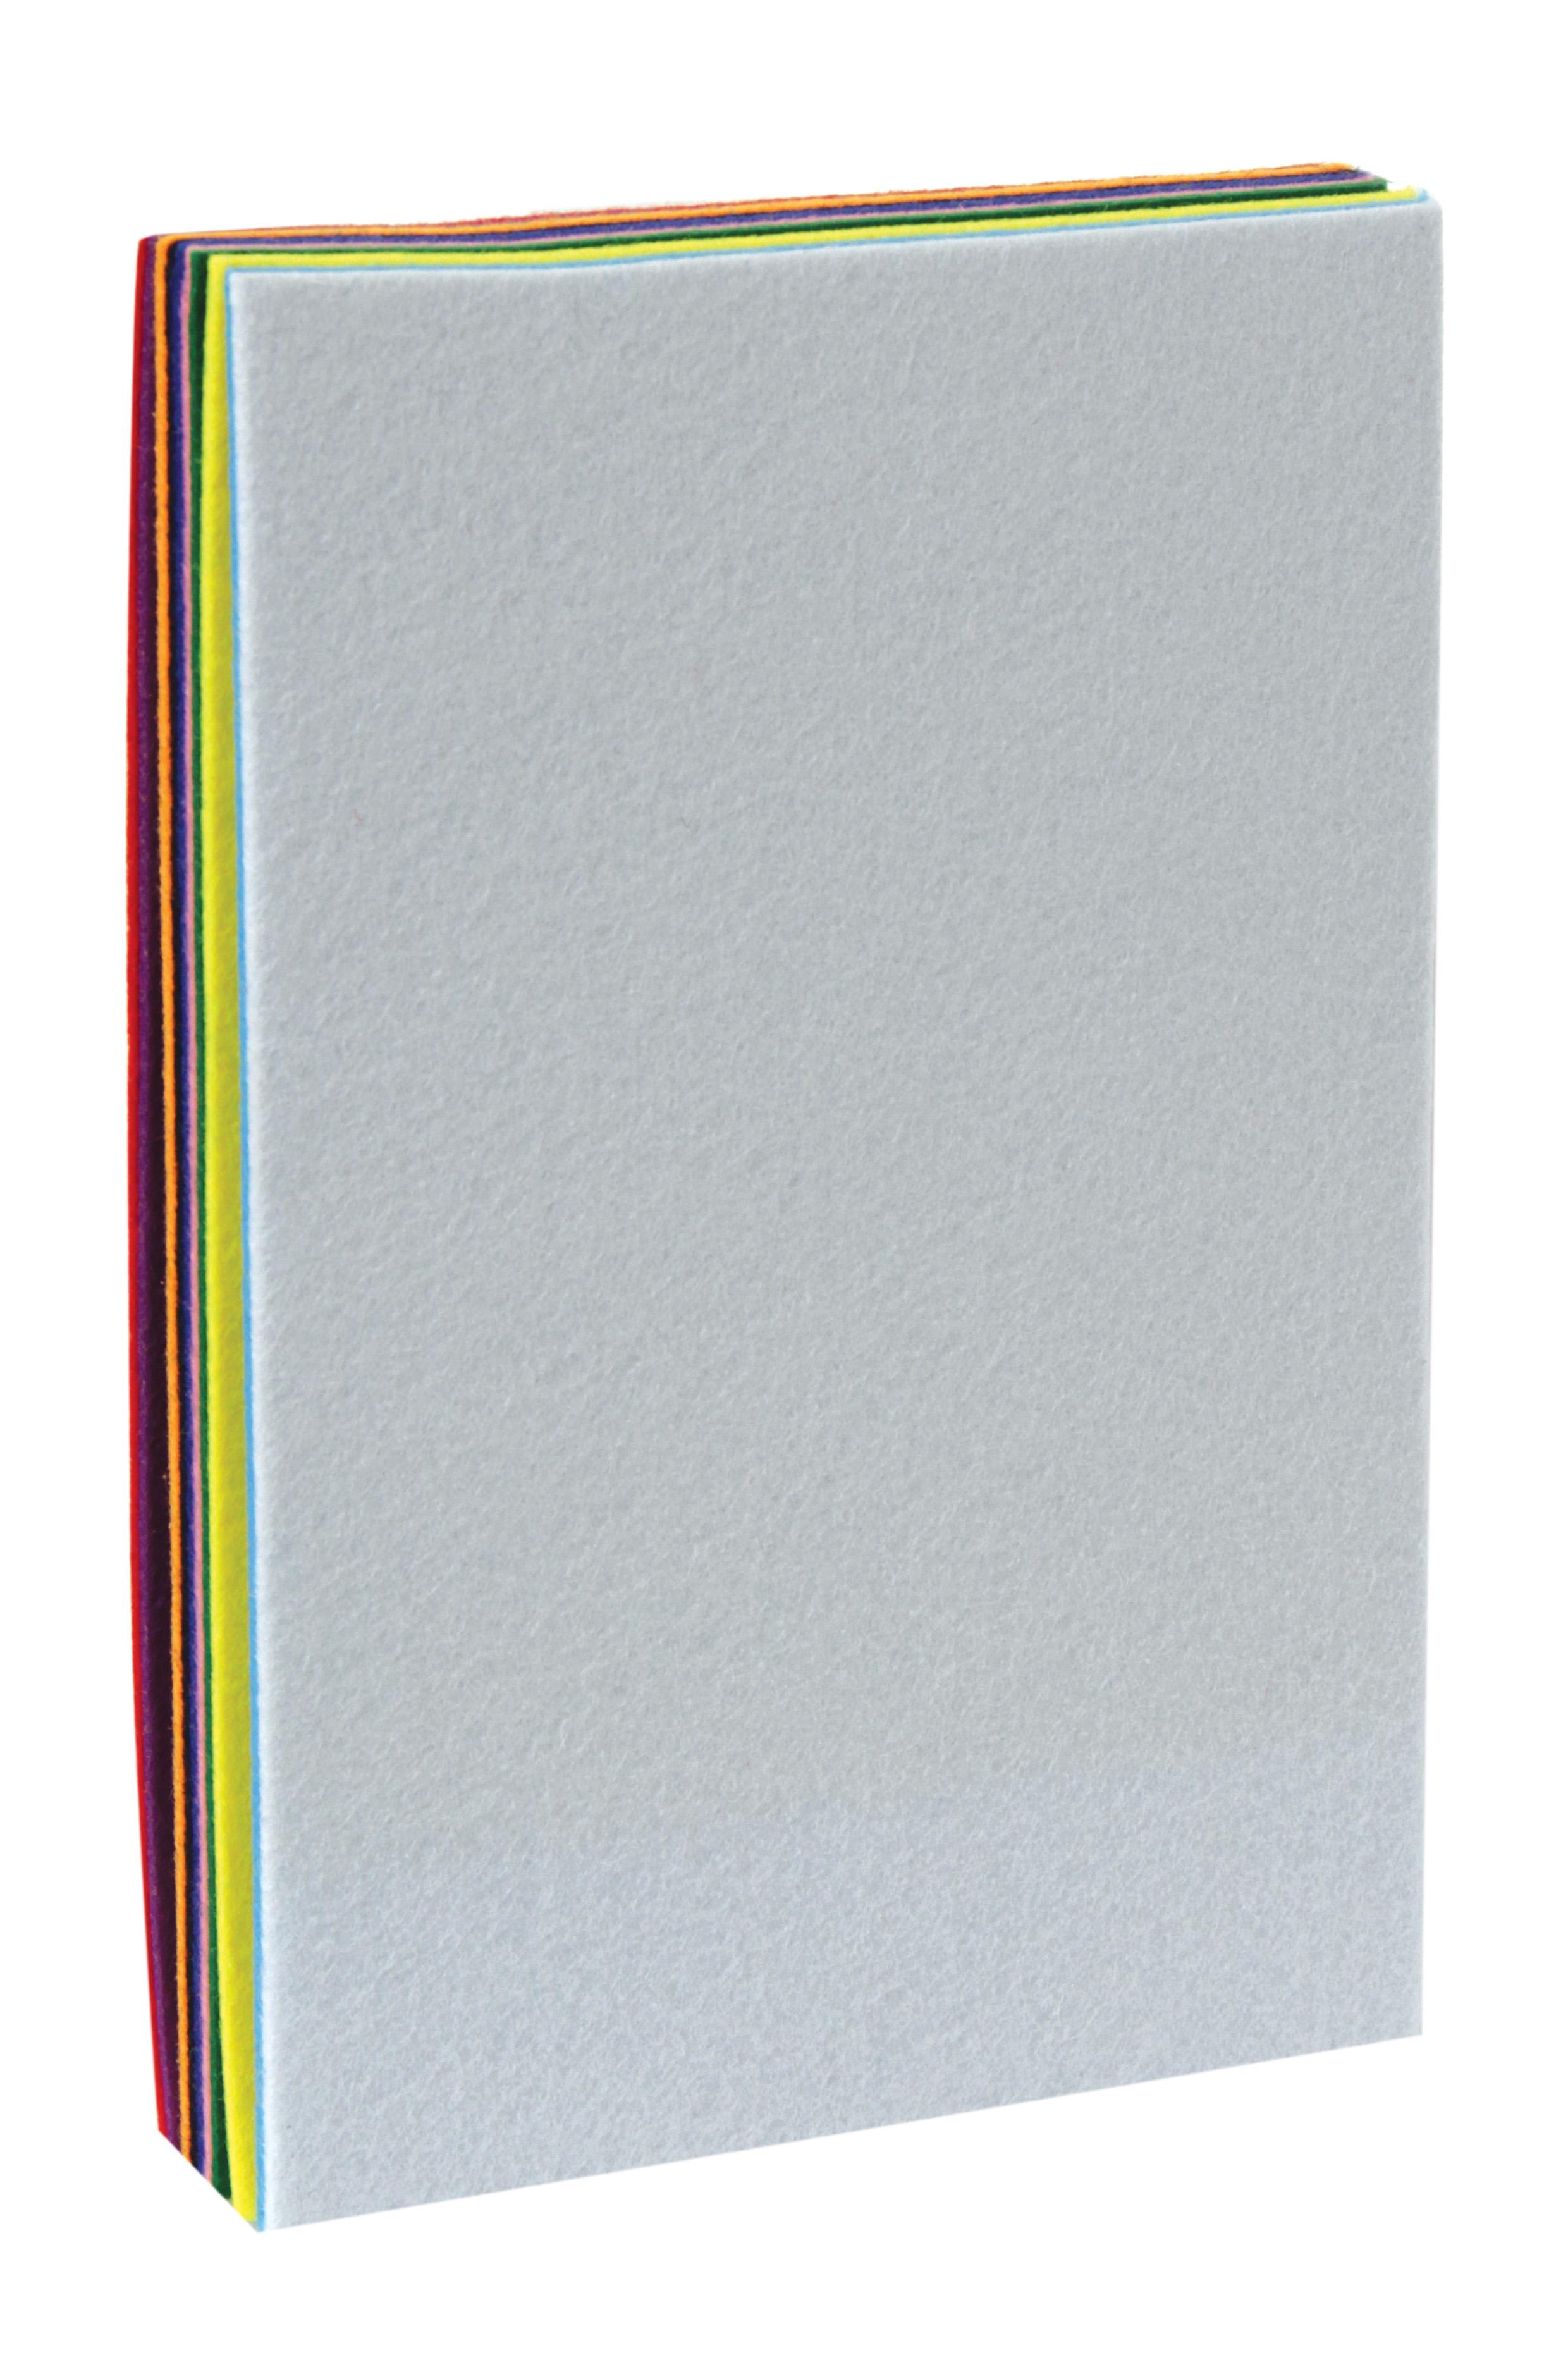 Colorful cloth paper 10 pcs